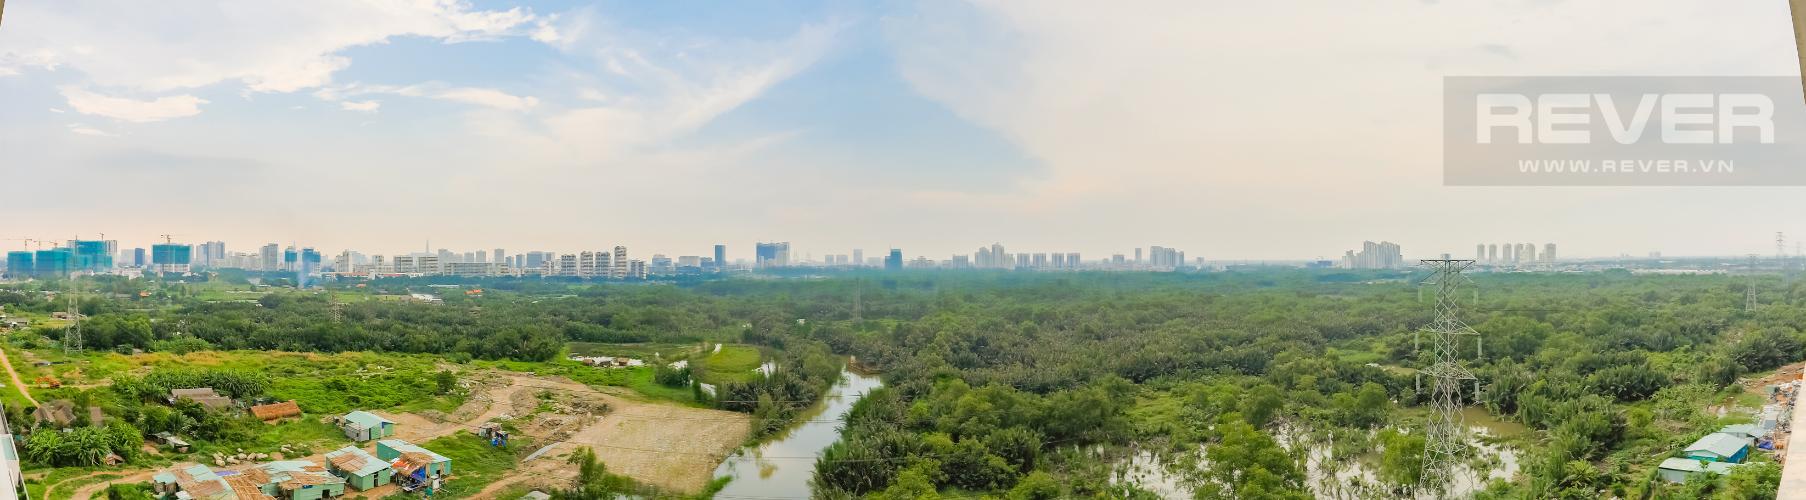 View Căn hộ Dragon City Phú Long 3 phòng ngủ tầng thấp hướng Đông Bắc